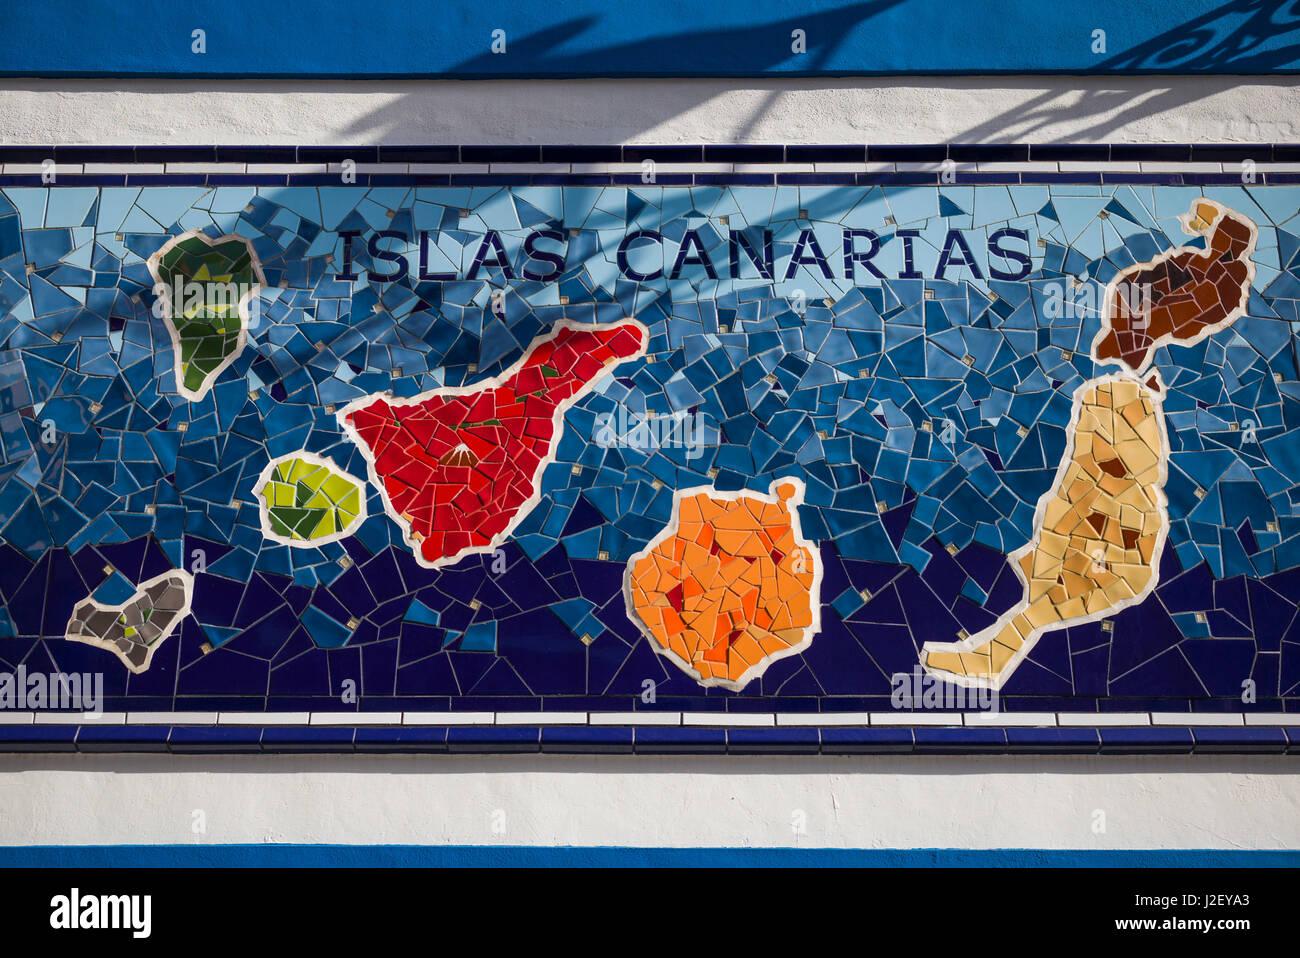 Spanische Inseln Karte.Spanien Kanarische Inseln Teneriffa Puerto De La Cruz Fototapete